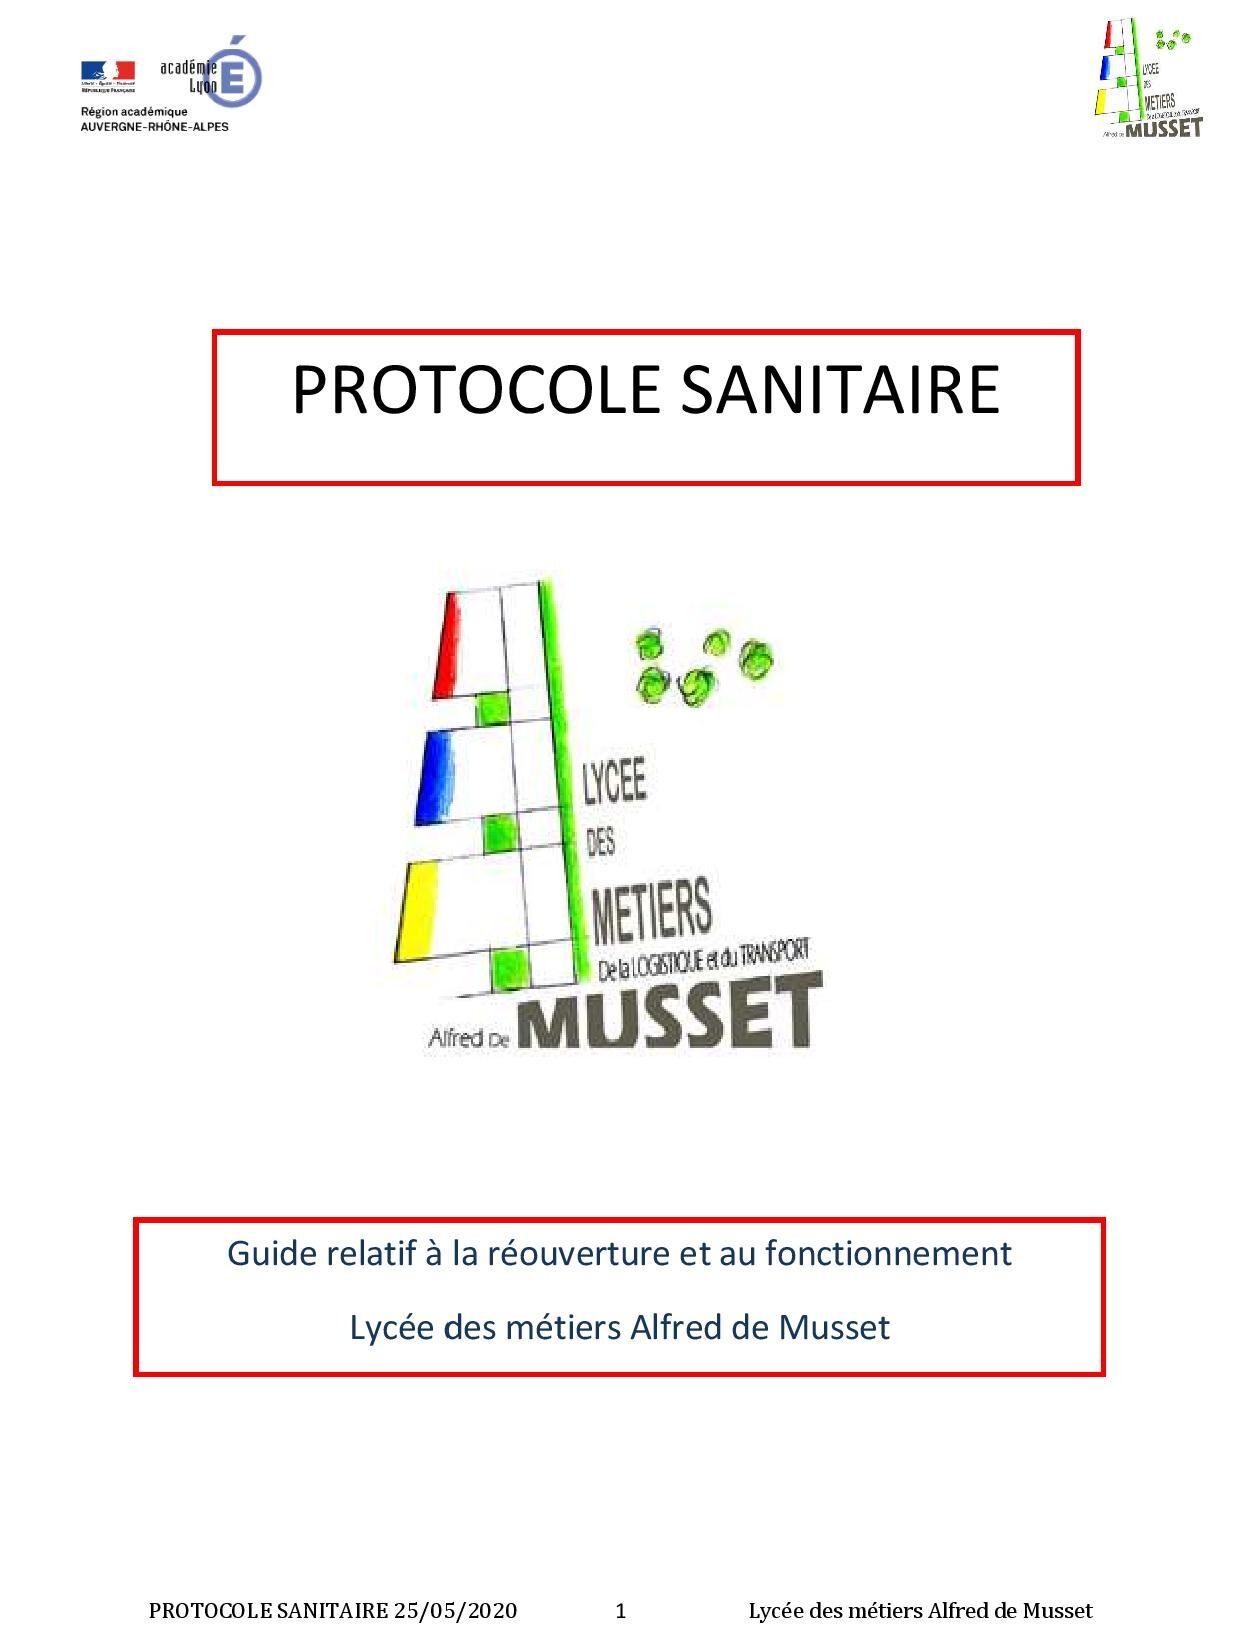 Protocole sanitaire Lycée Alfred de Musset 25 mai-page-001.jpg